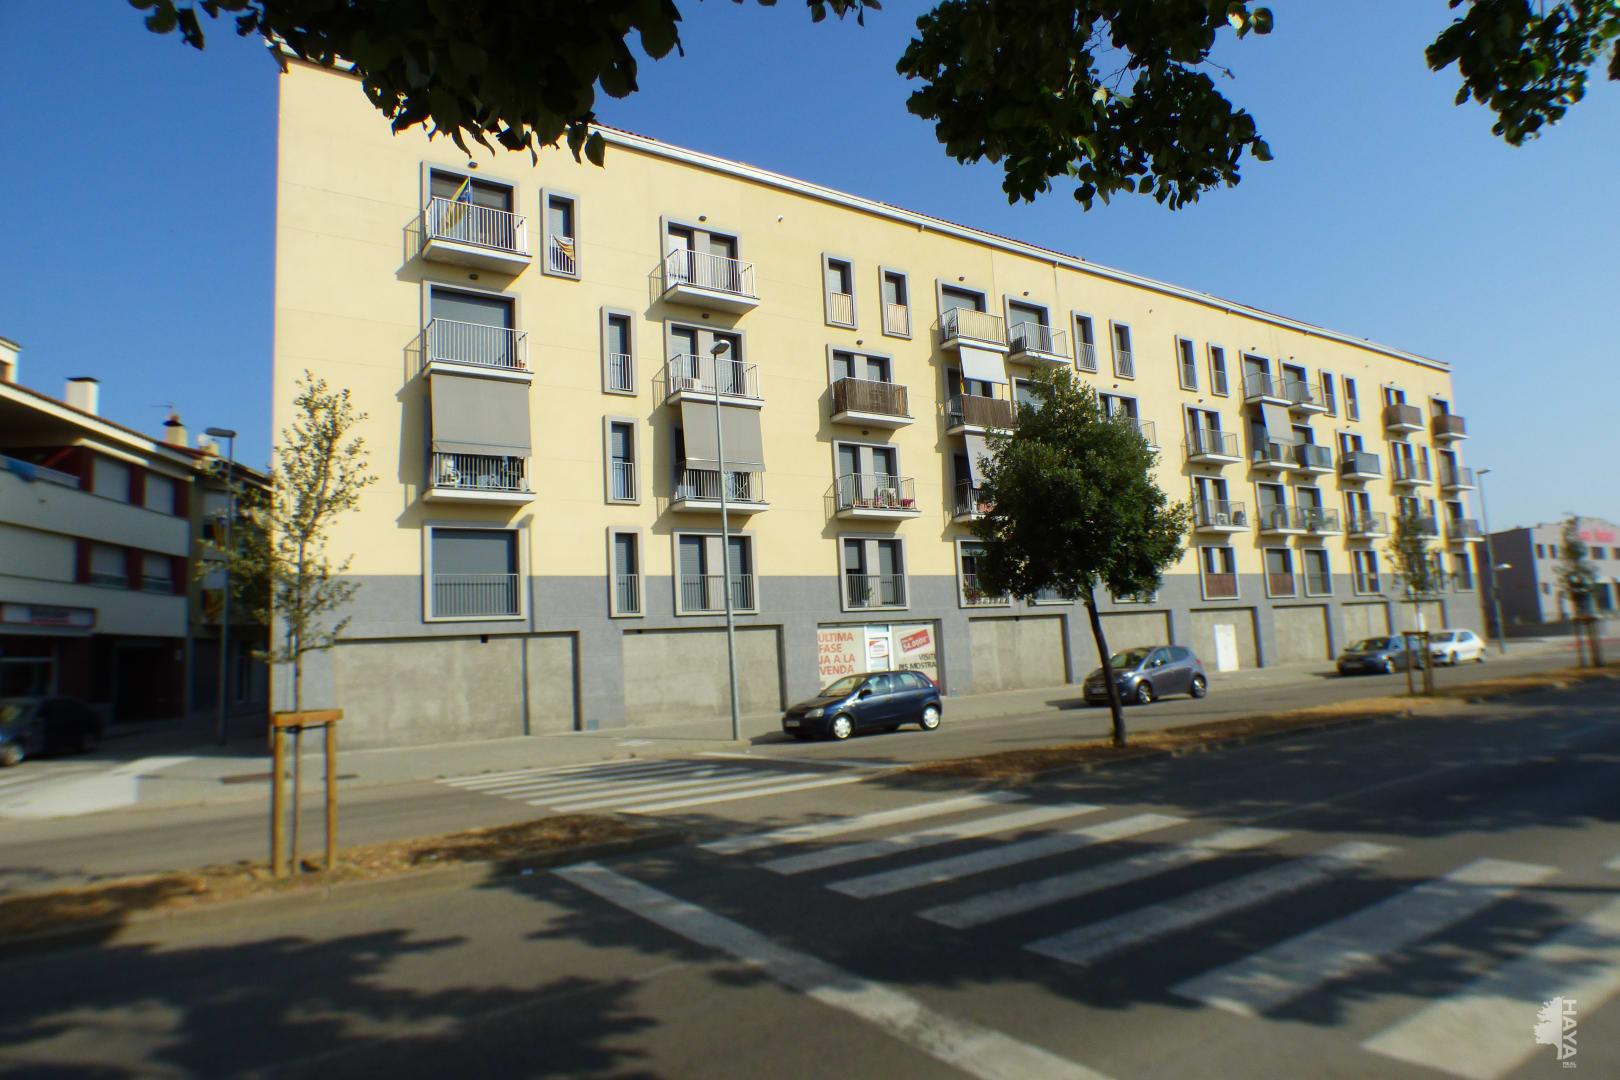 Piso en venta en Banyoles, Banyoles, Girona, Calle Valencia, 105.000 €, 1 baño, 117 m2